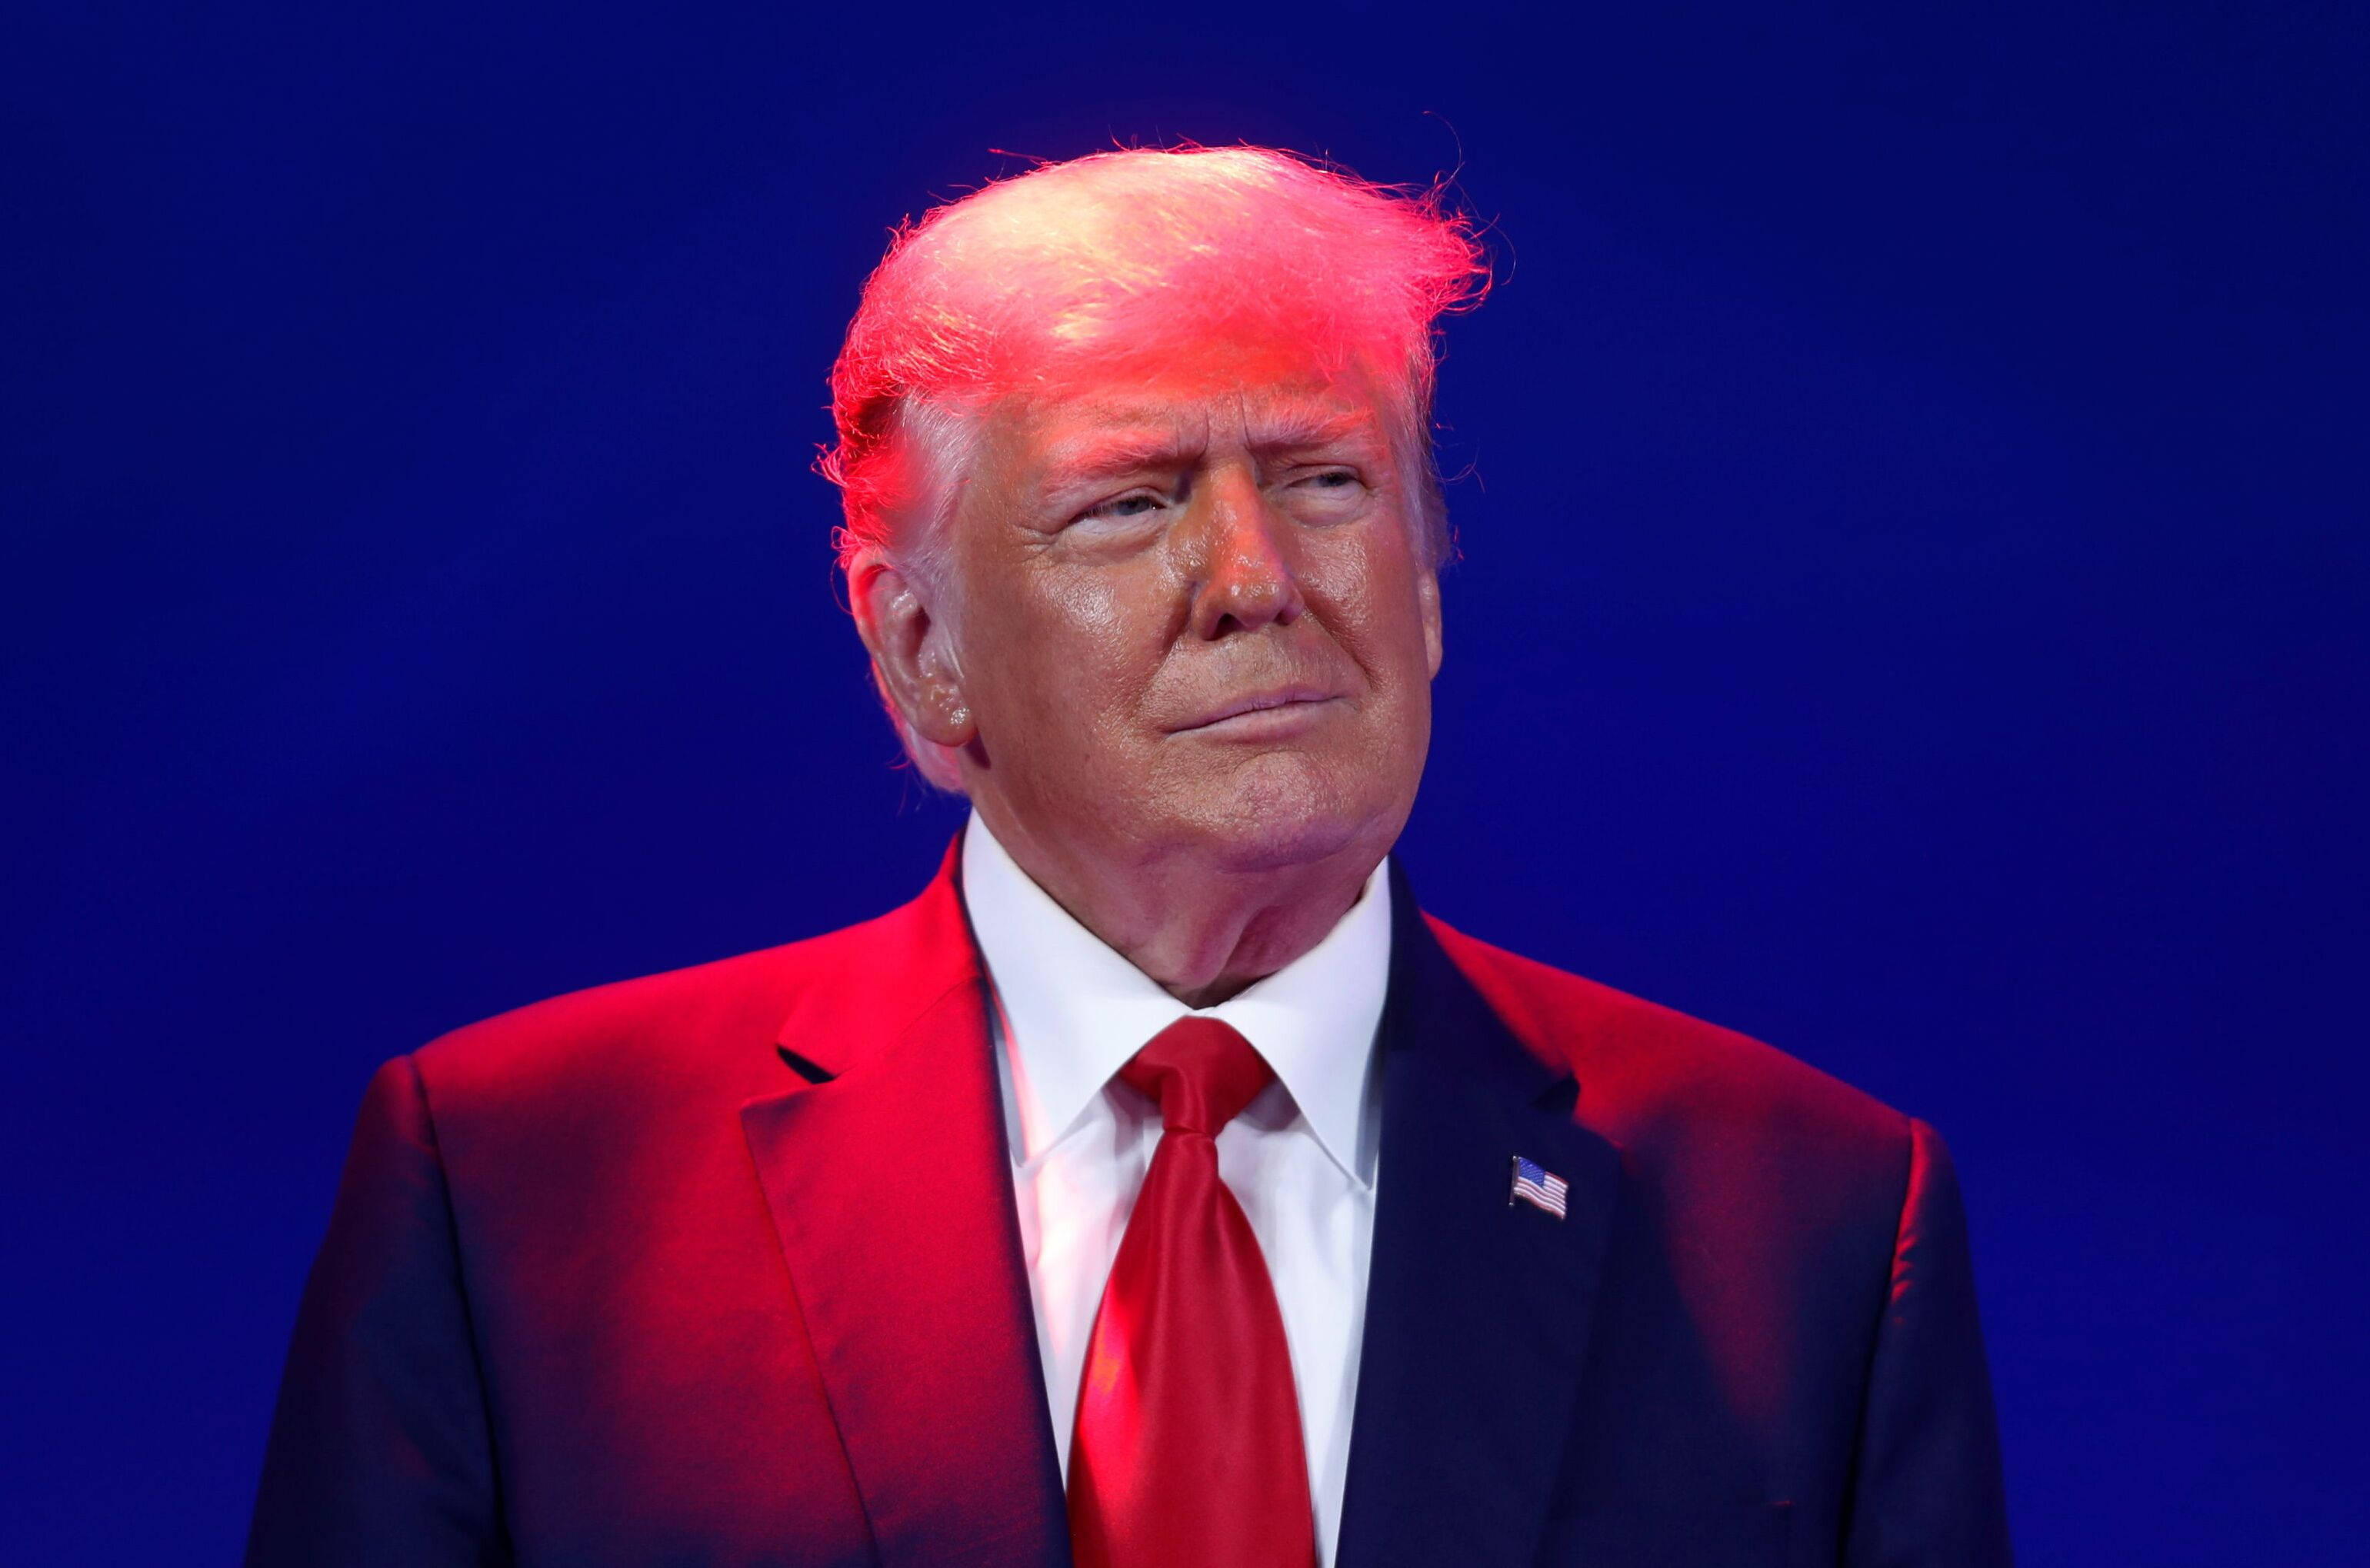 Ex-presidente dos EUA, Donald Trump, discursa durante assembleia de organização conservadora em Orlando, Flórida, 28 de fevereiro de 2021